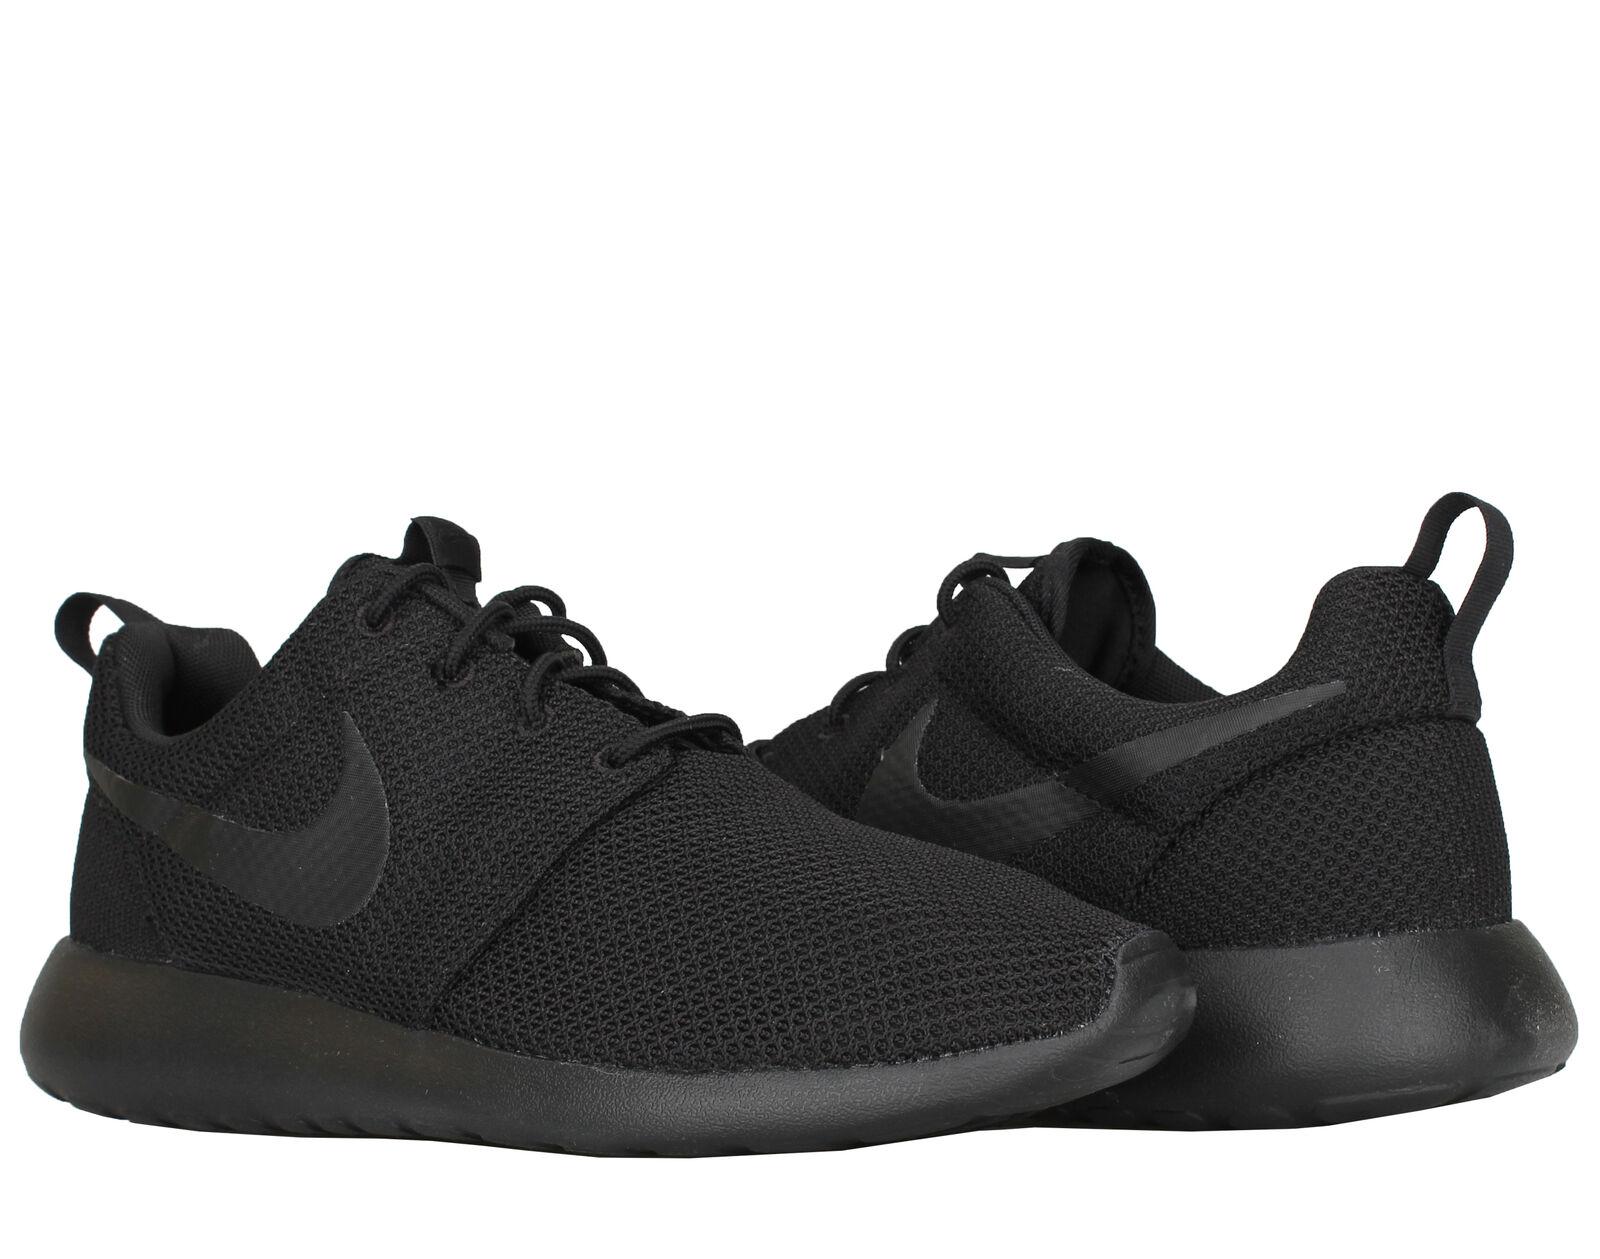 Nike Roshe One Black/Black Men's Running Shoes 511881-026